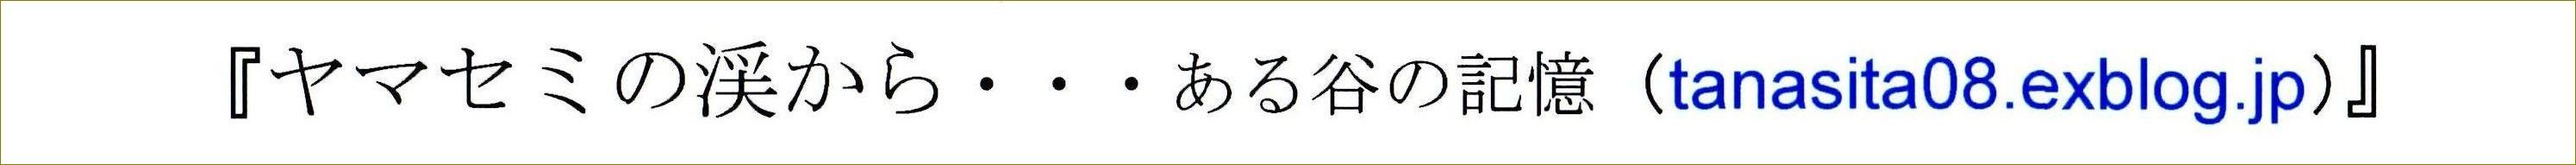 金子みすゞ_f0159856_7551061.jpg